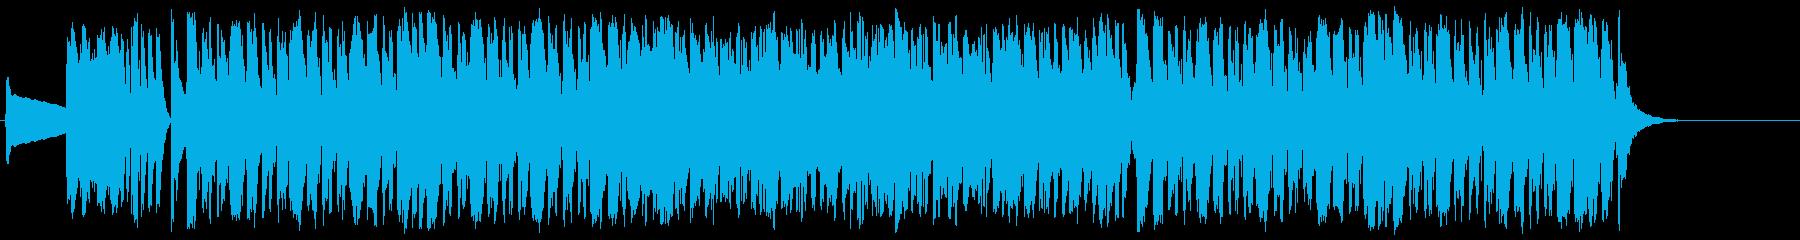 コミカル おちゃらけ にぎやか イベントの再生済みの波形